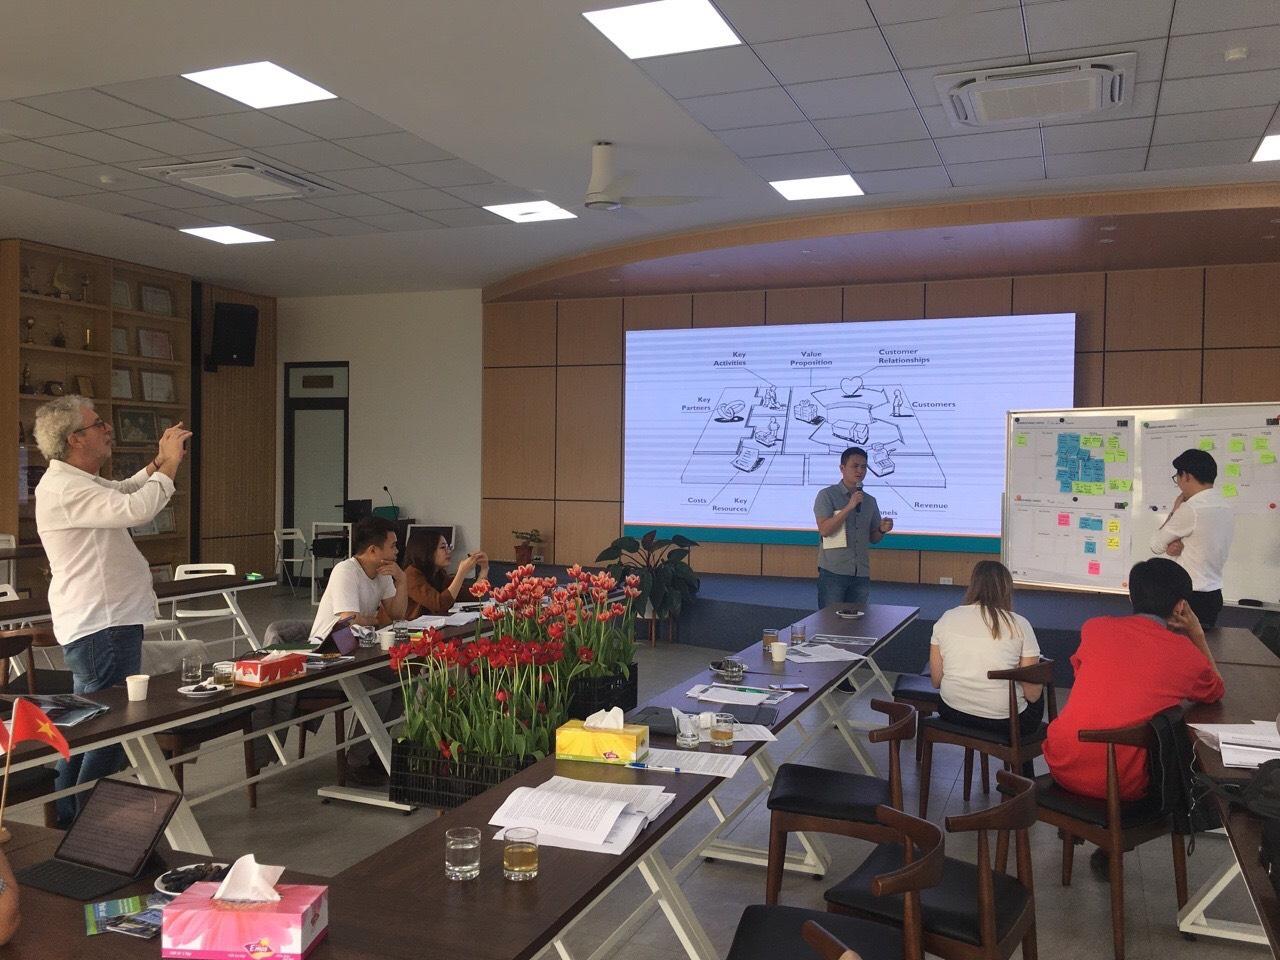 Nextfarm tham gia triển khai dự án tiền khả thi xây dựng Trung tâm Nông nghiệp Công nghệ cao của Shinec (Nam Cầu Kiền) và Kenlog (Hà Lan)